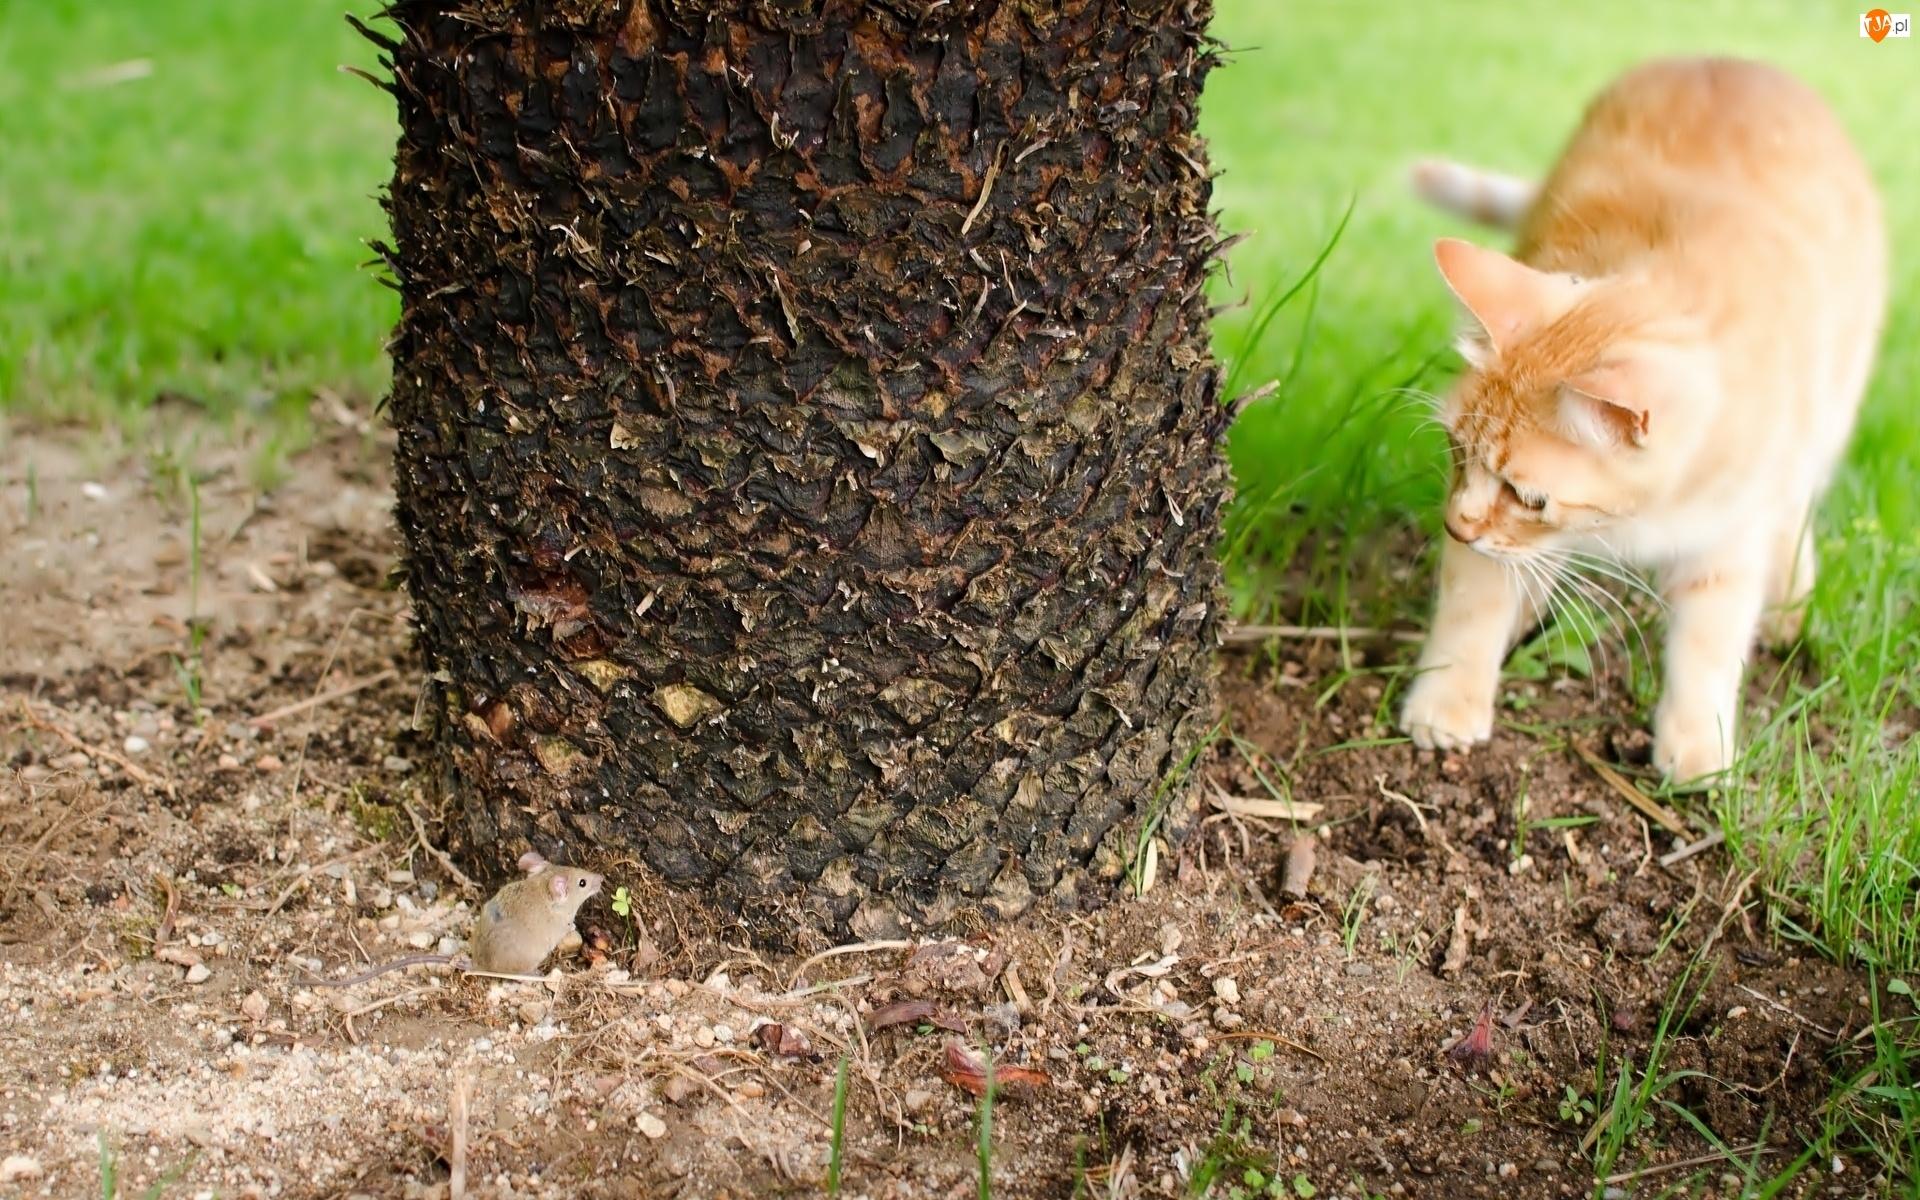 Drzewo, Kotek, Myszka